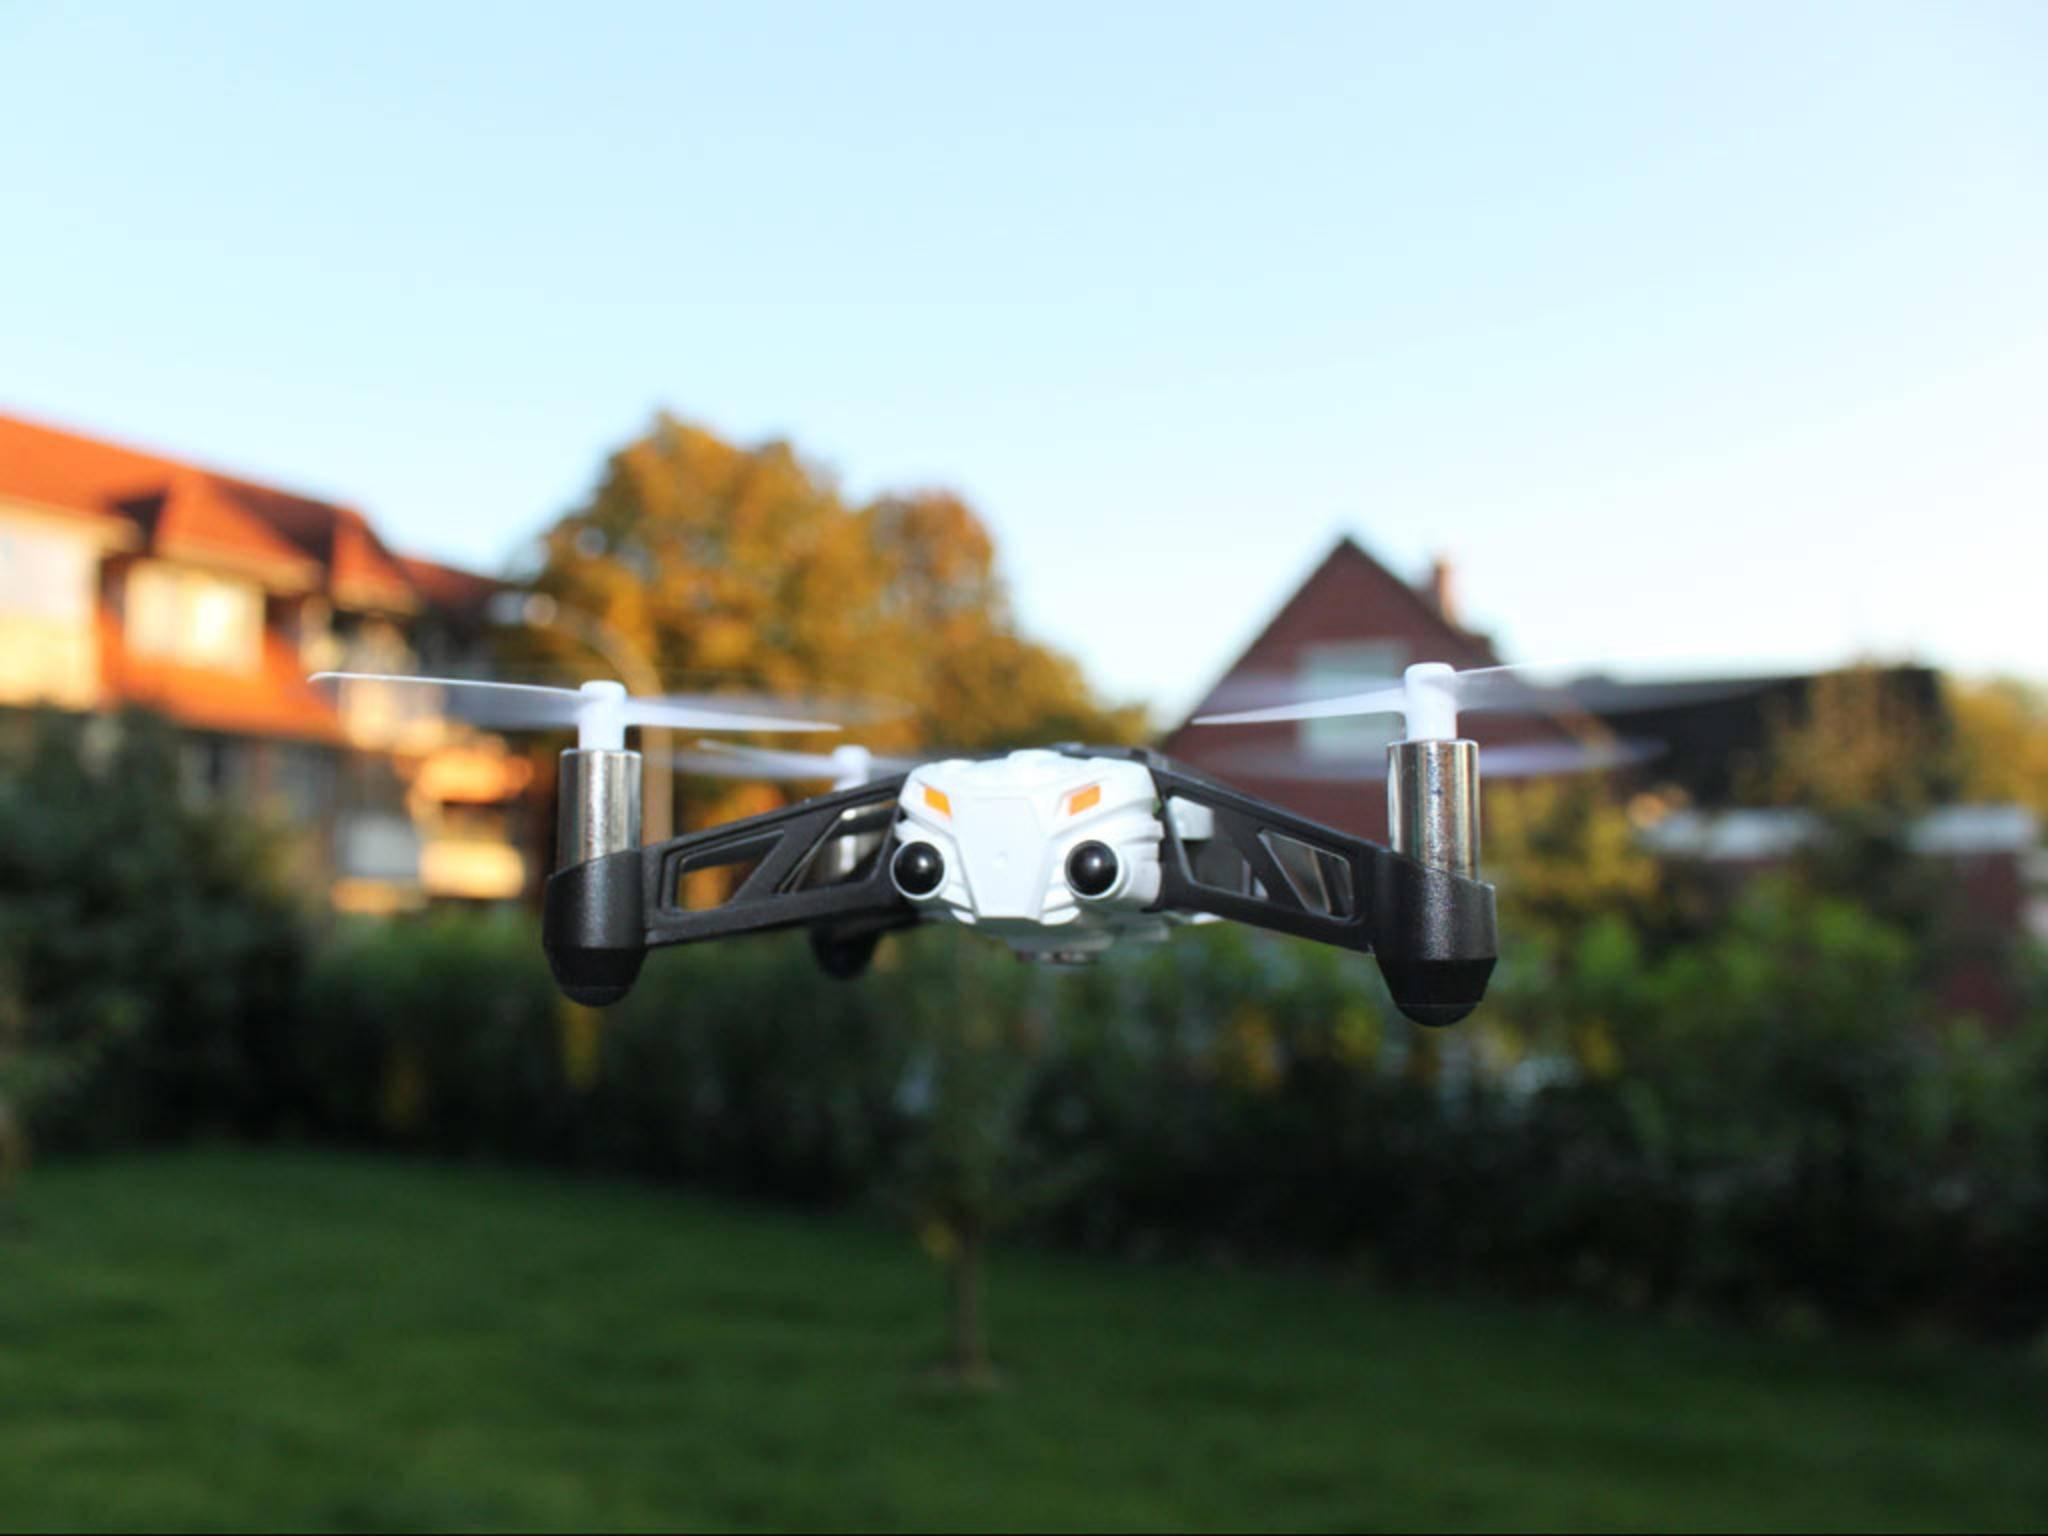 Parrot-Hydrofoil-Drone-T3